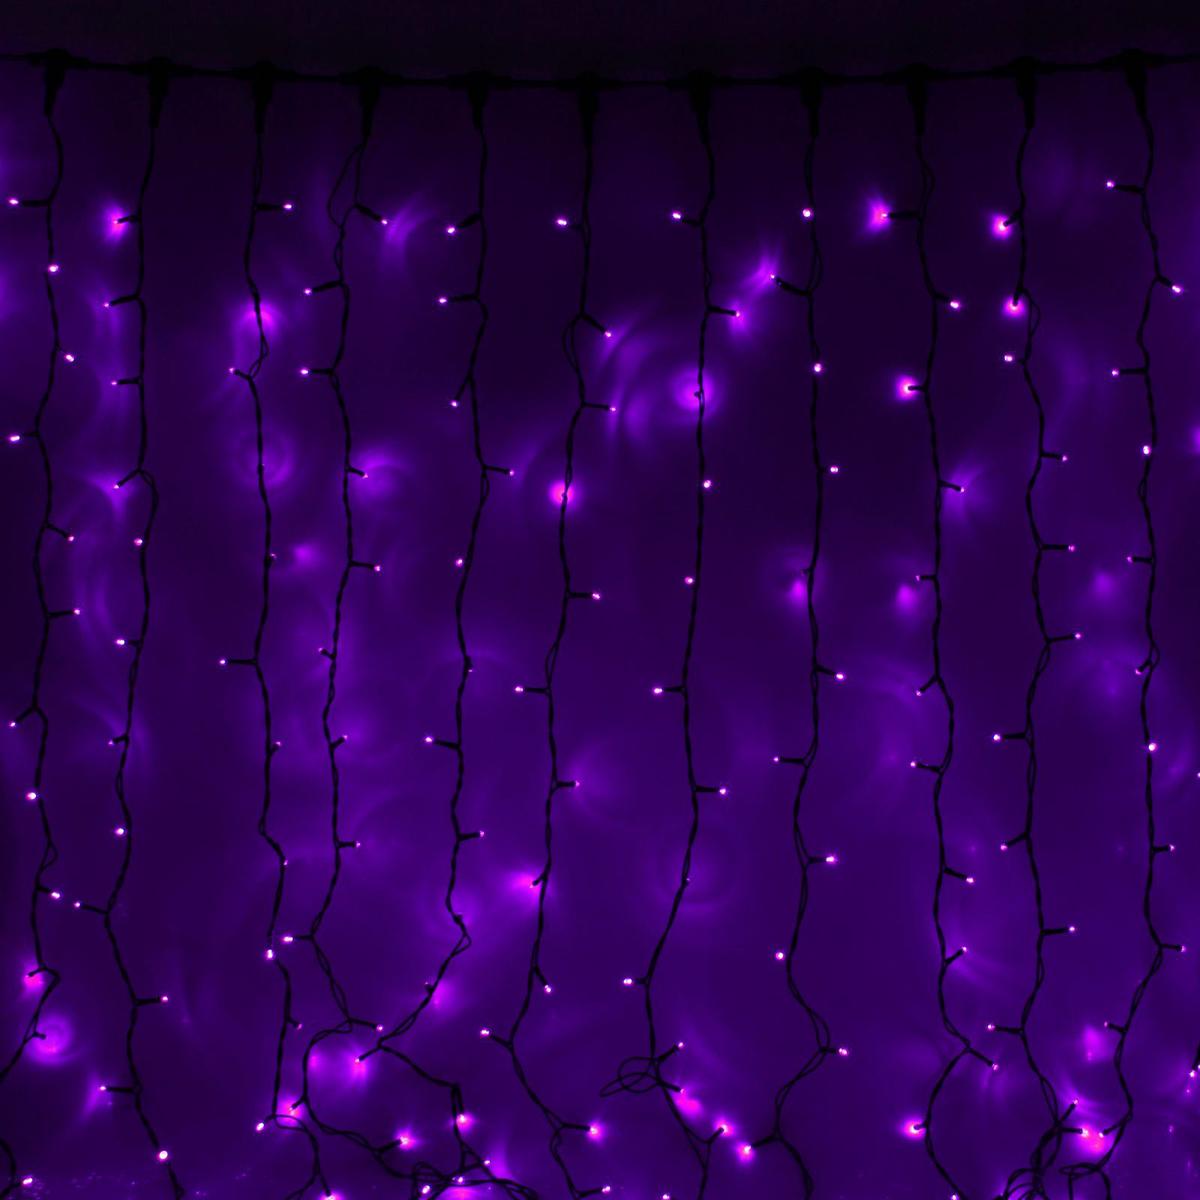 """Гирлянда светодиодная Luazon """"Занавес"""" - это отличный вариант для новогоднего оформления интерьера или фасада. С ее помощью помещение любого размера можно превратить в праздничный зал, а внешние элементы зданий, украшенные гирляндой, мгновенно станут напоминать очертания сказочного дворца. Такое украшение создаст ауру предвкушения чуда. Деревья, фасады, витрины, окна и арки будто специально созданы, чтобы вы украсили их светящимися нитями."""